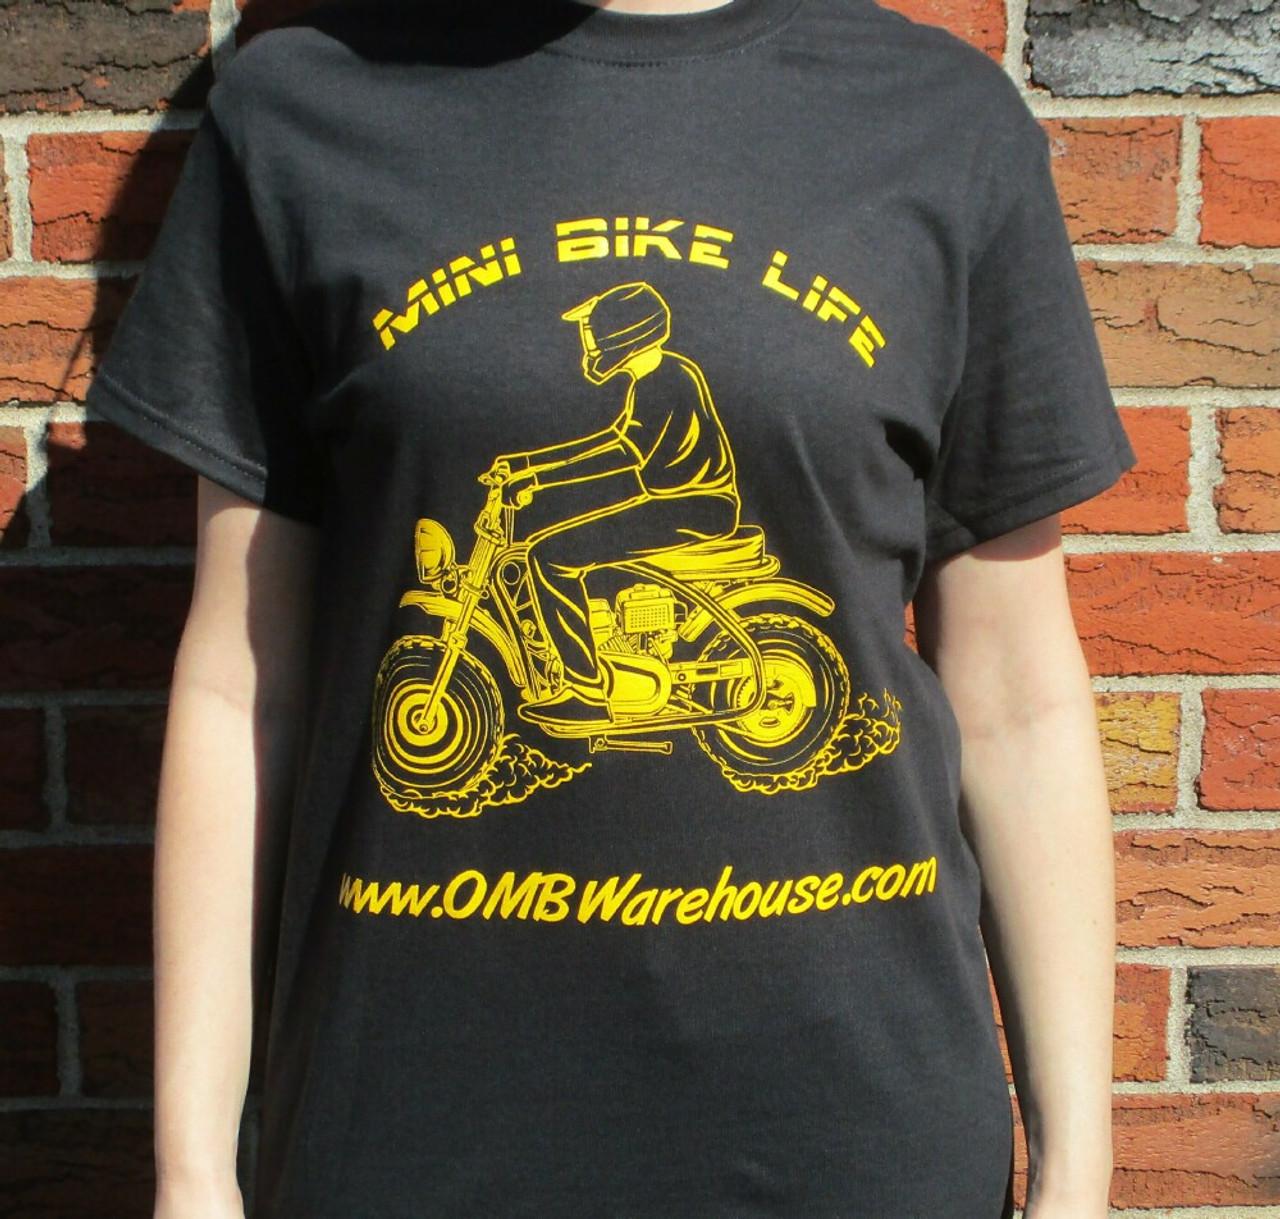 Mini Bike Life T-Shirt